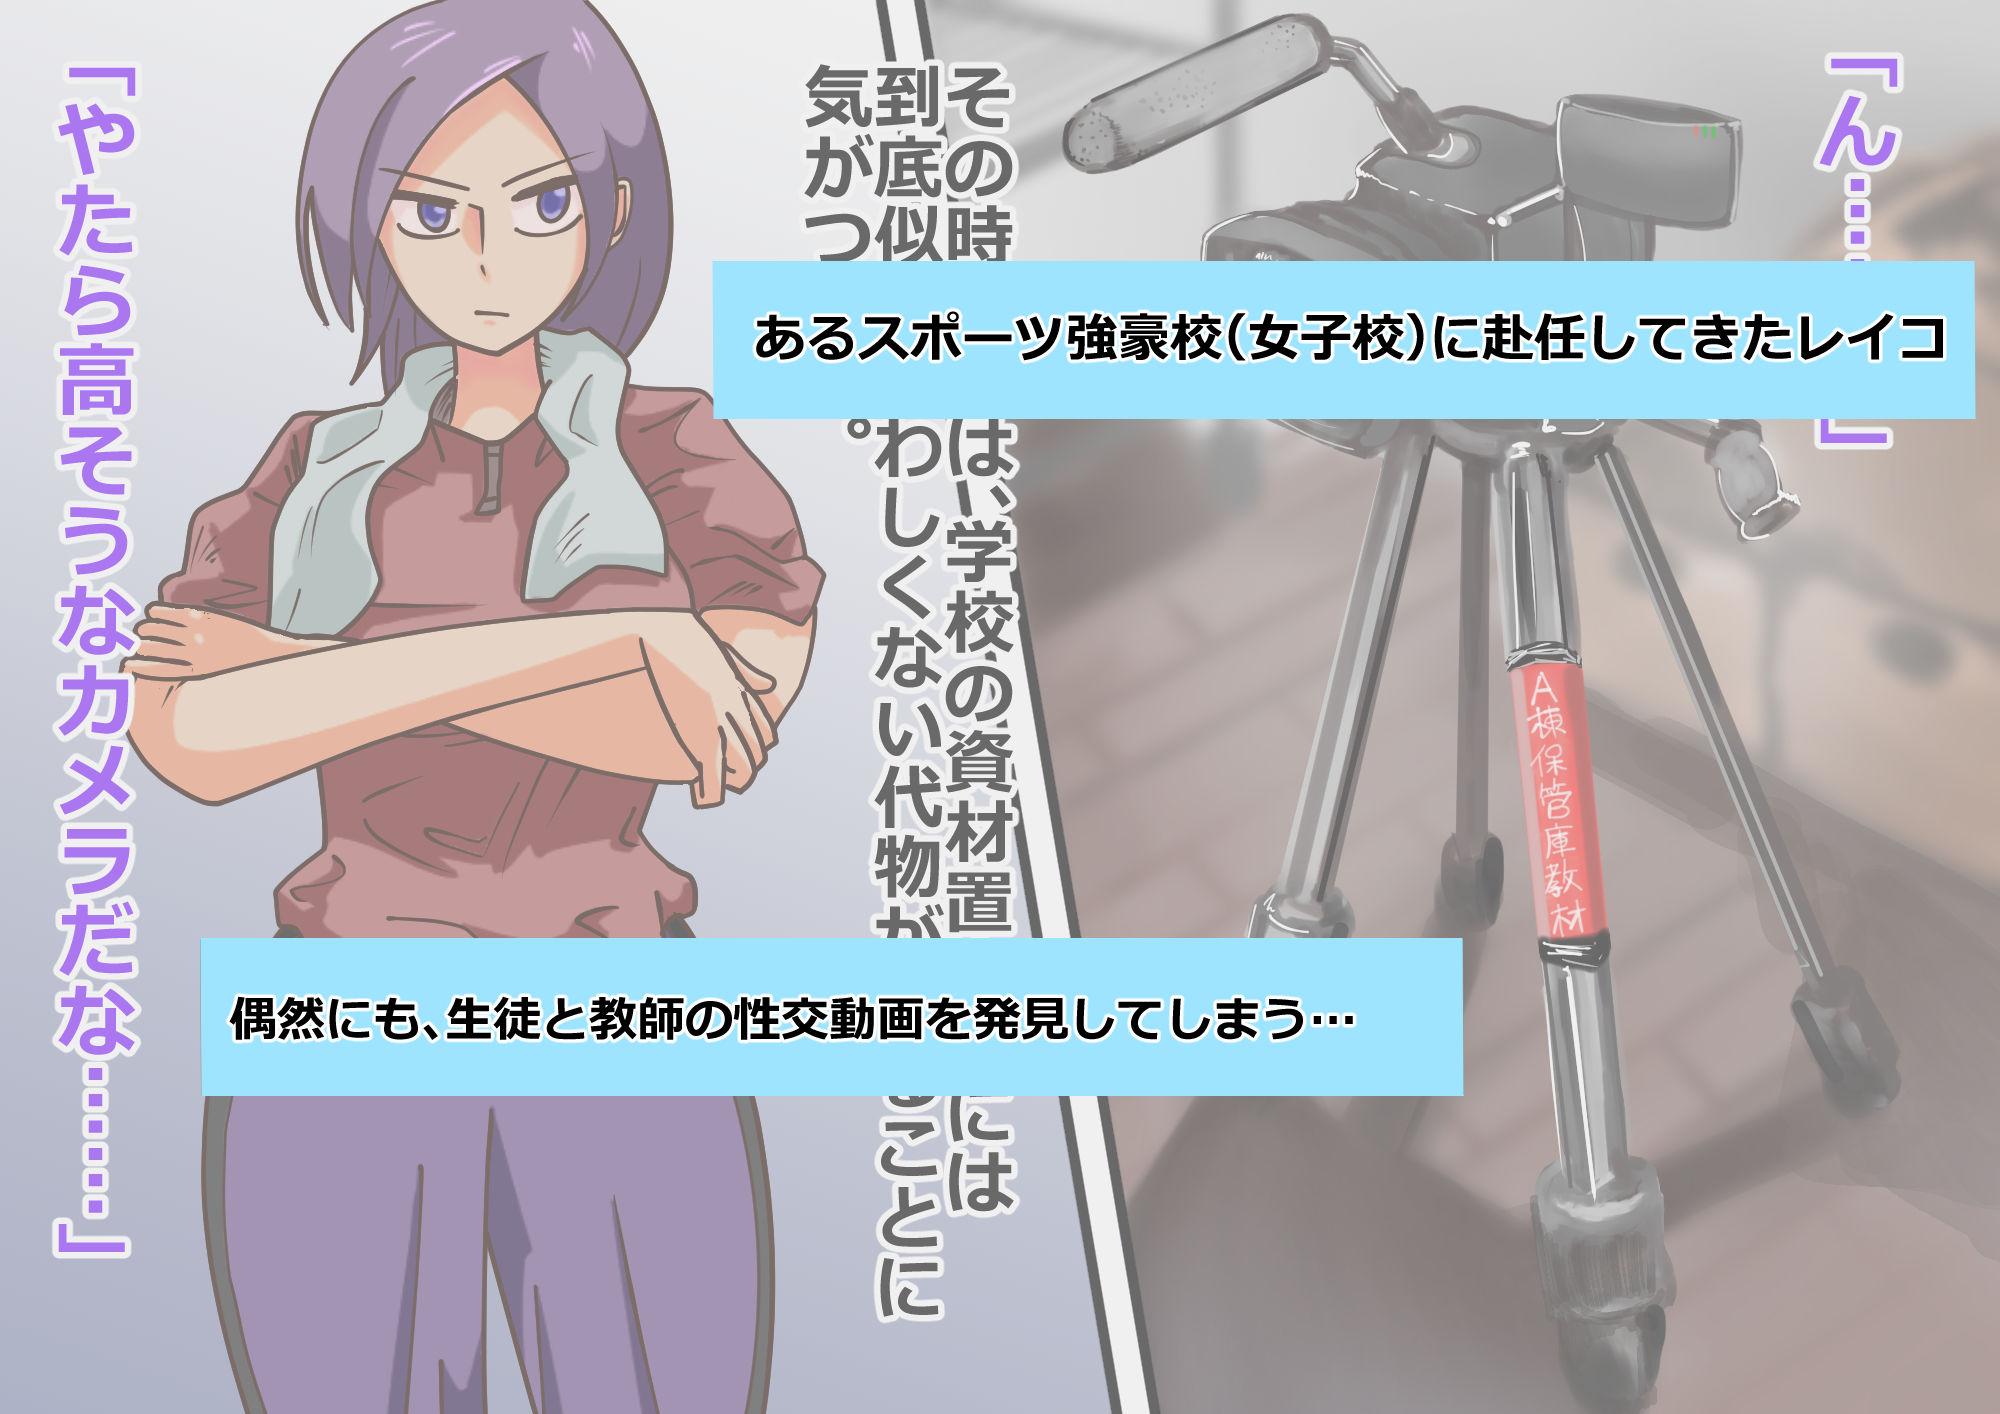 【R-SHOT 同人】スポコスが~るずVol.1